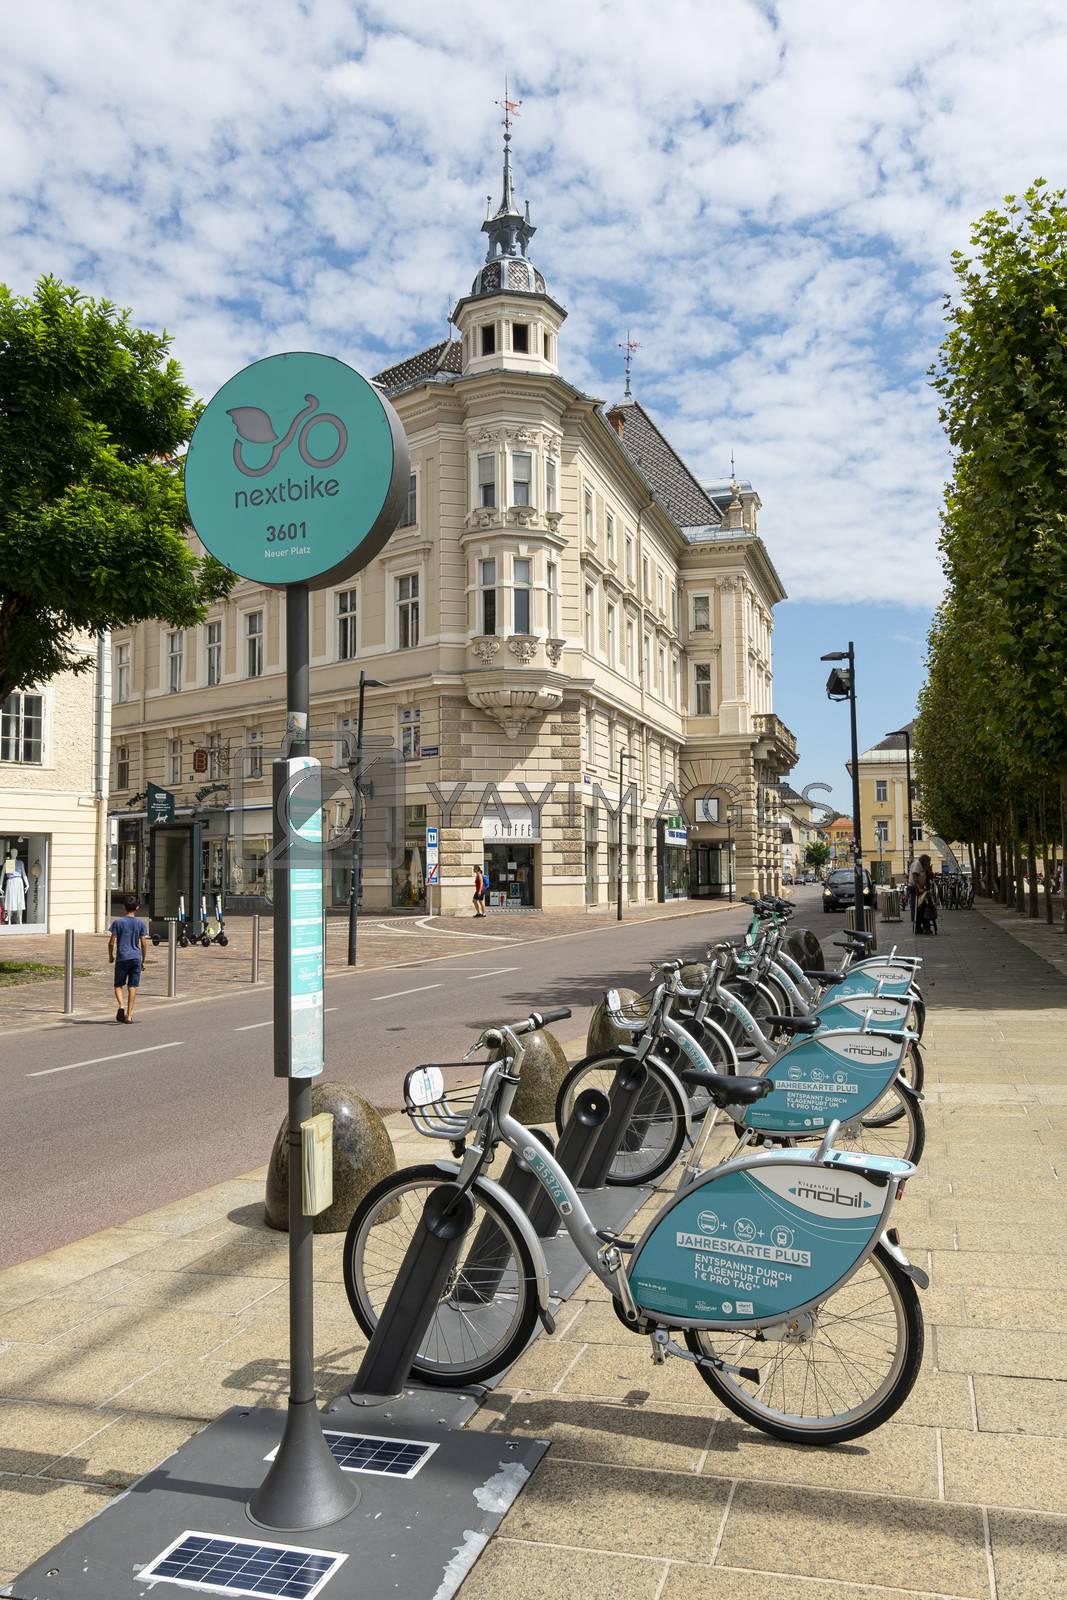 Klagenfurt, Austria. August 16, 2020. Bike rental station in the city center